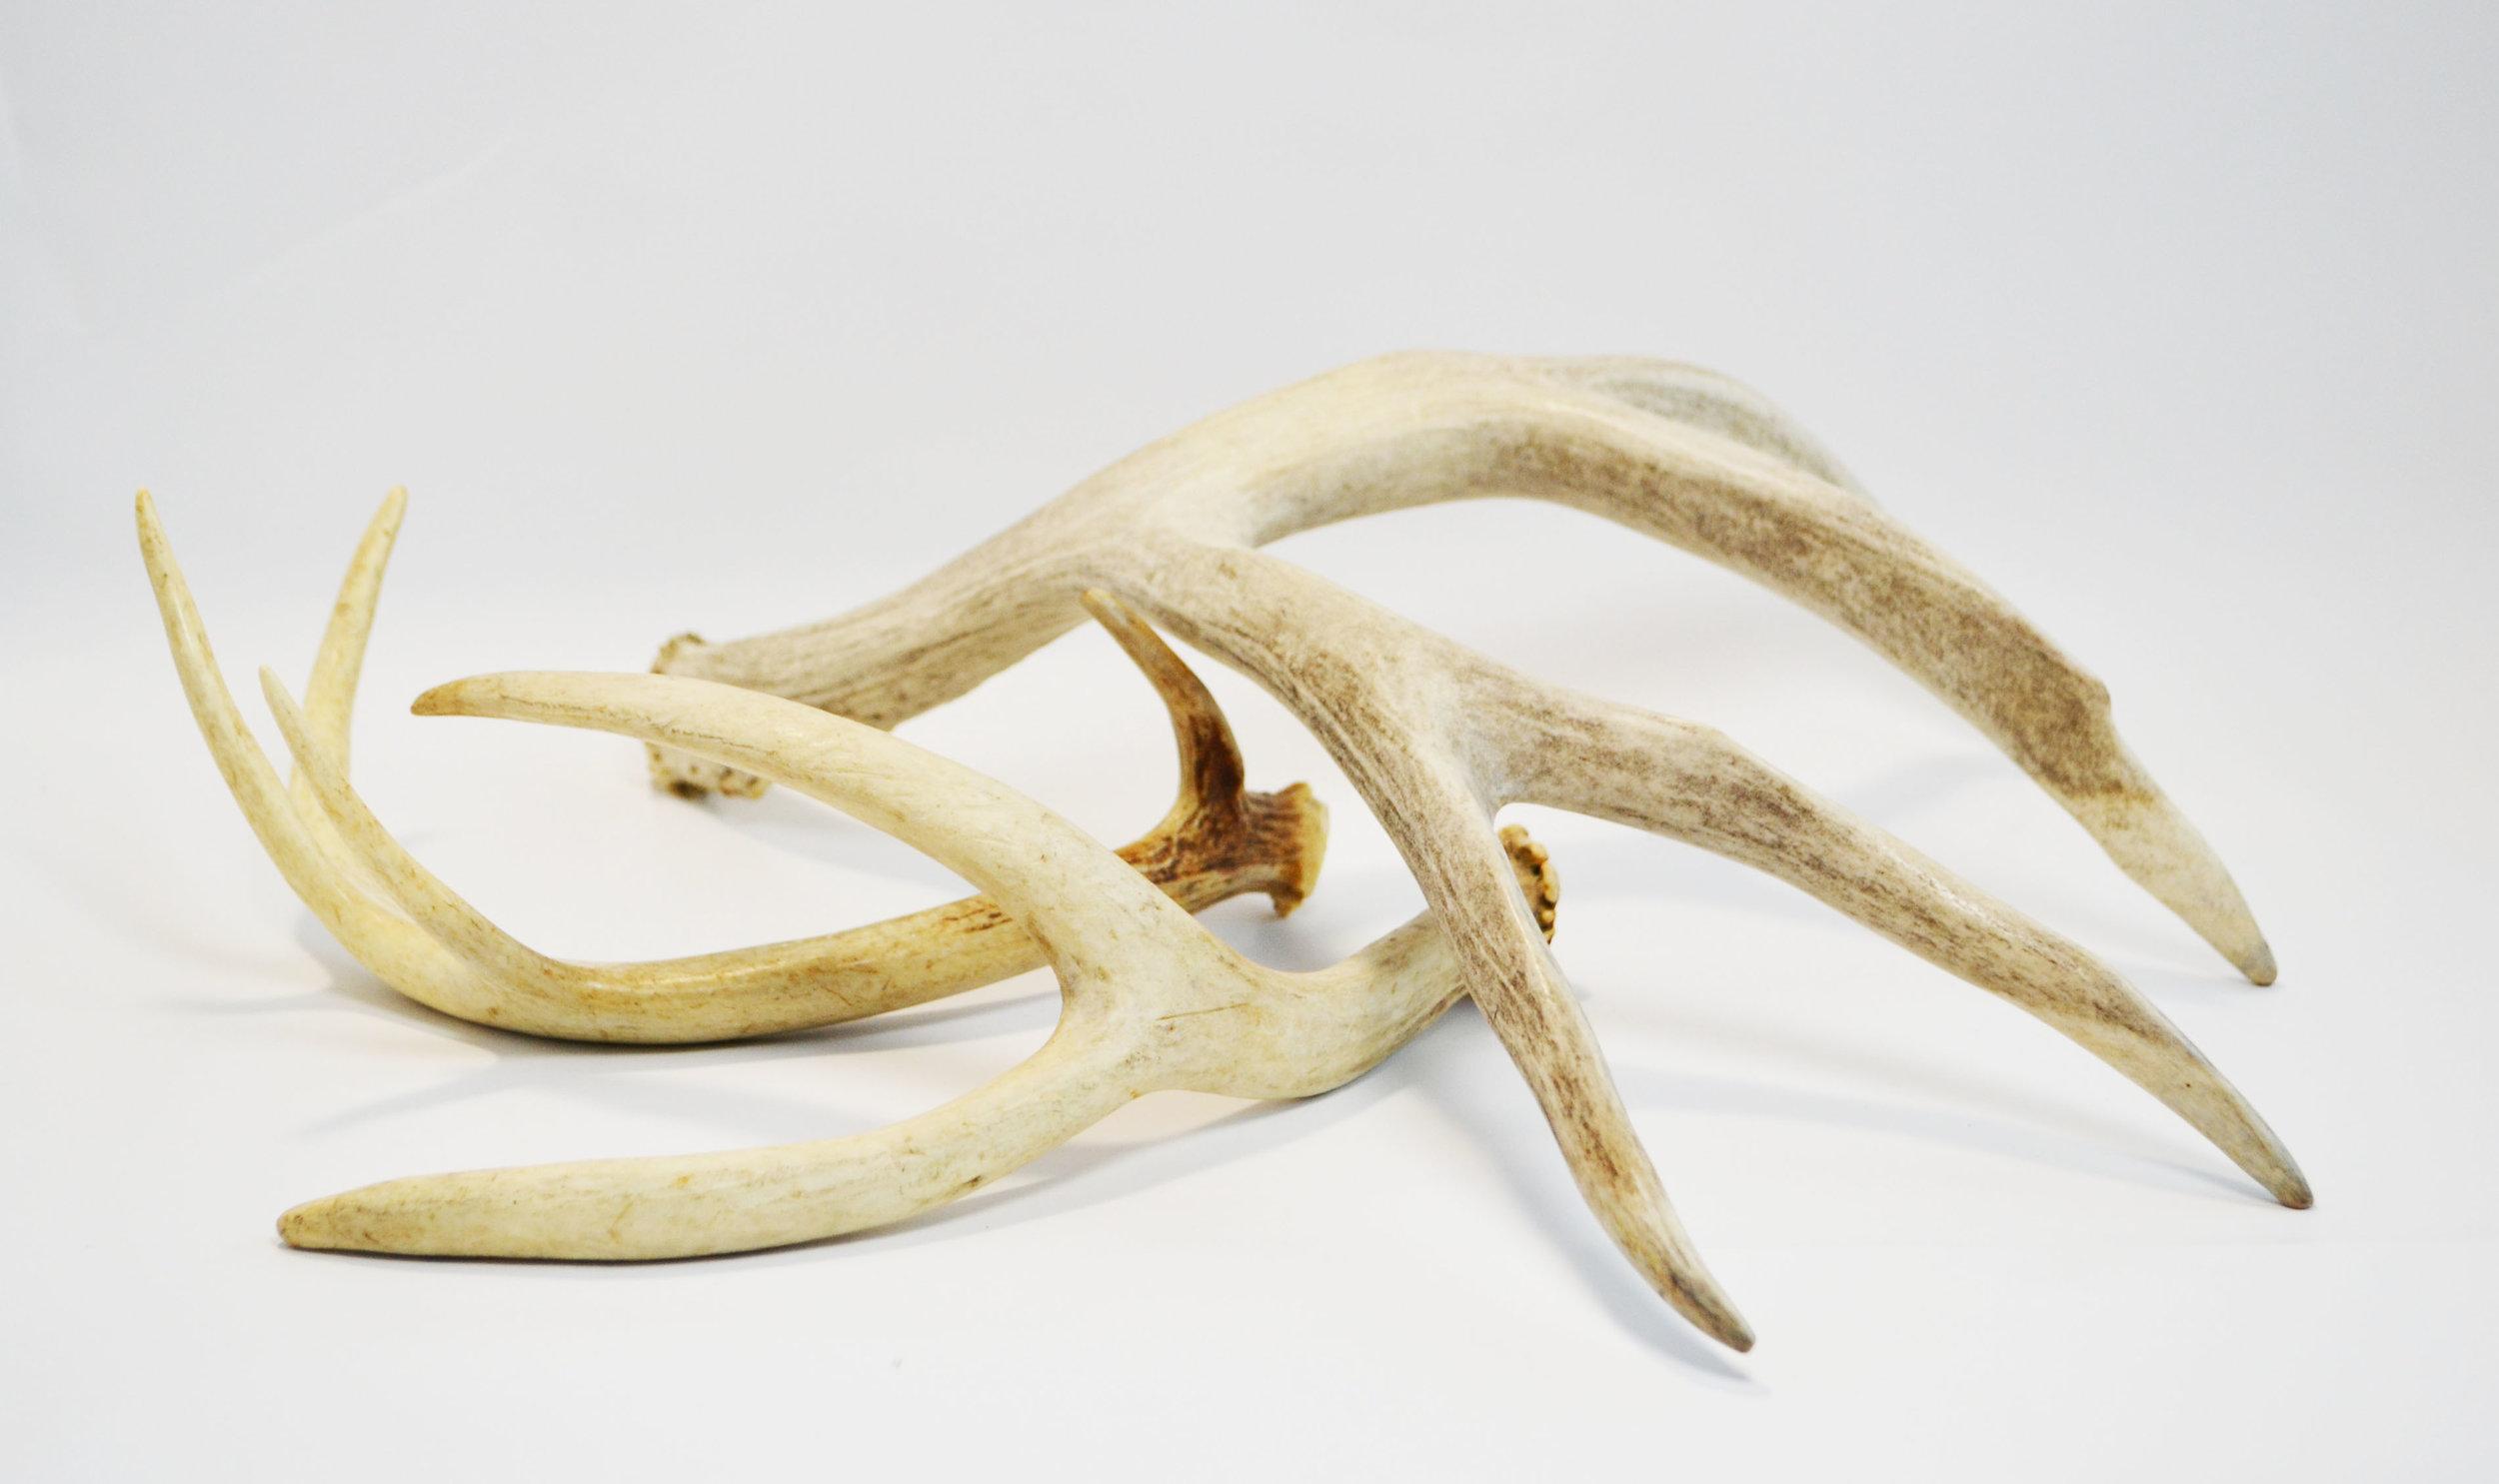 antlers   Quantity: 18  Price: $15.00